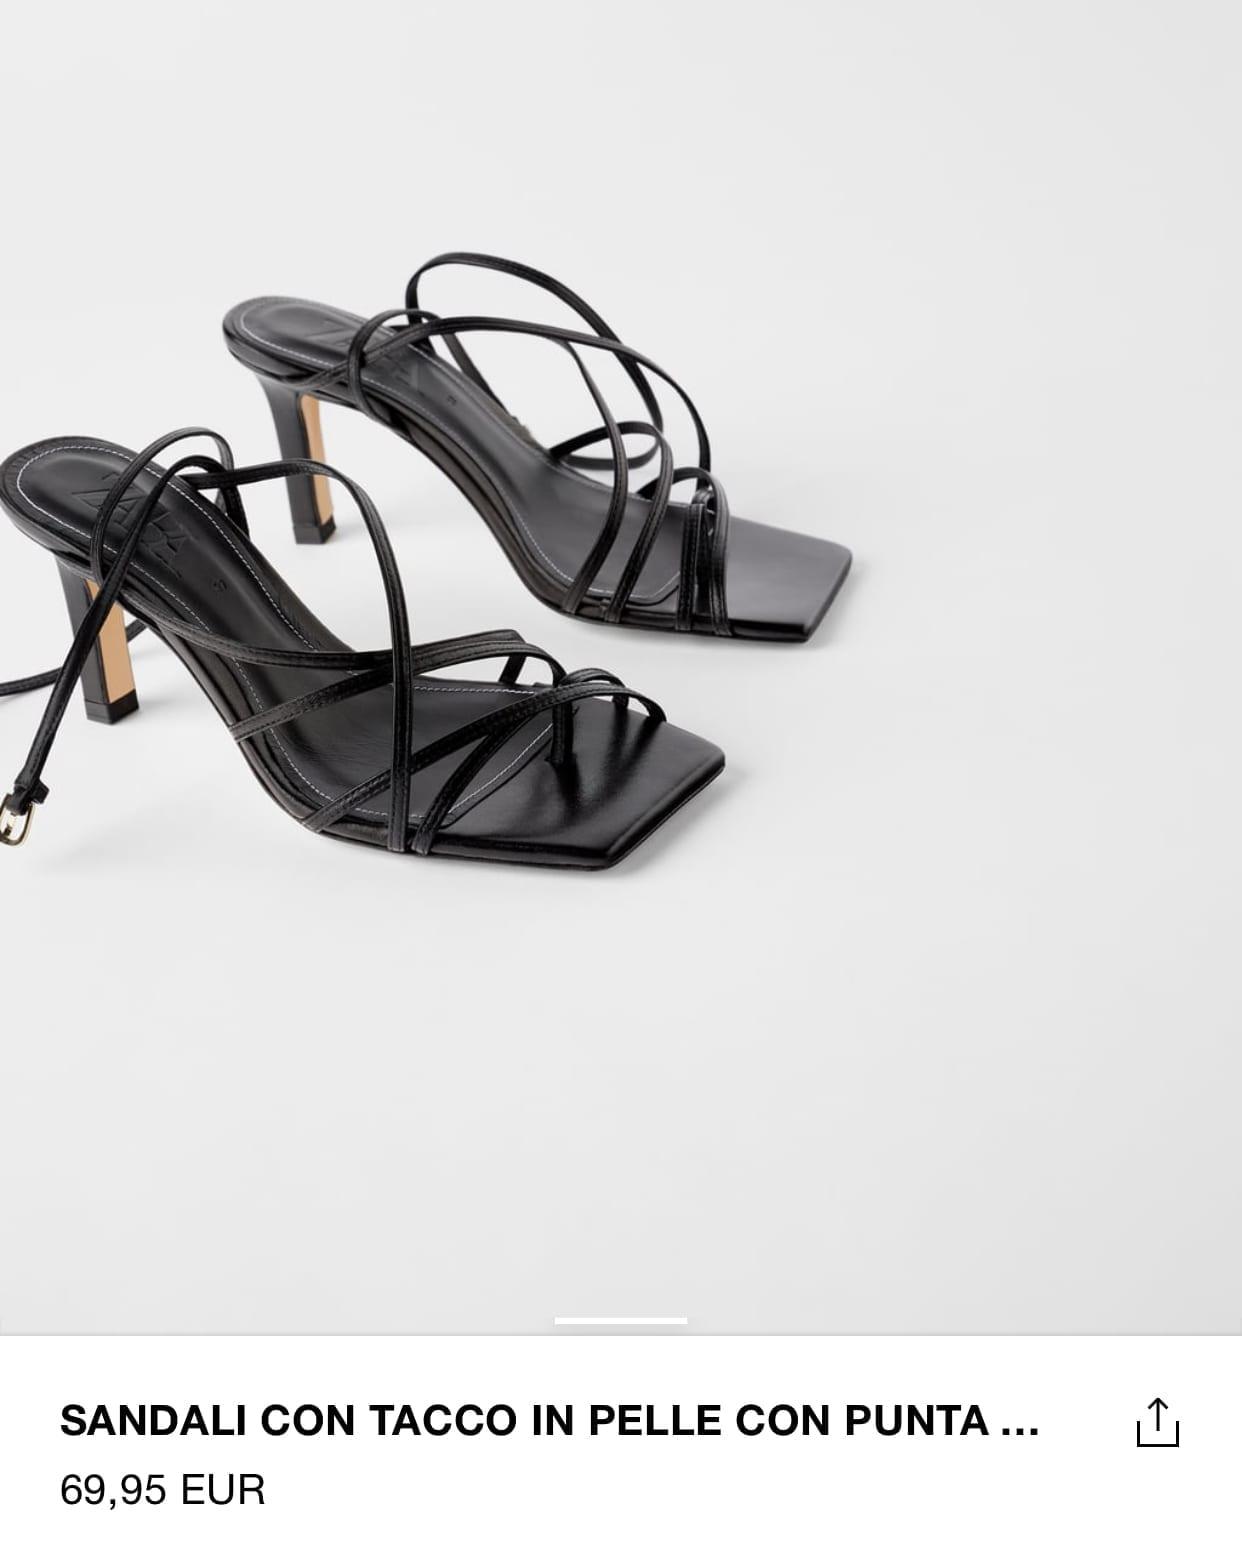 cosa comprare da zara autunno 2019, sandali zara 2019, come vestirsi minimal chic